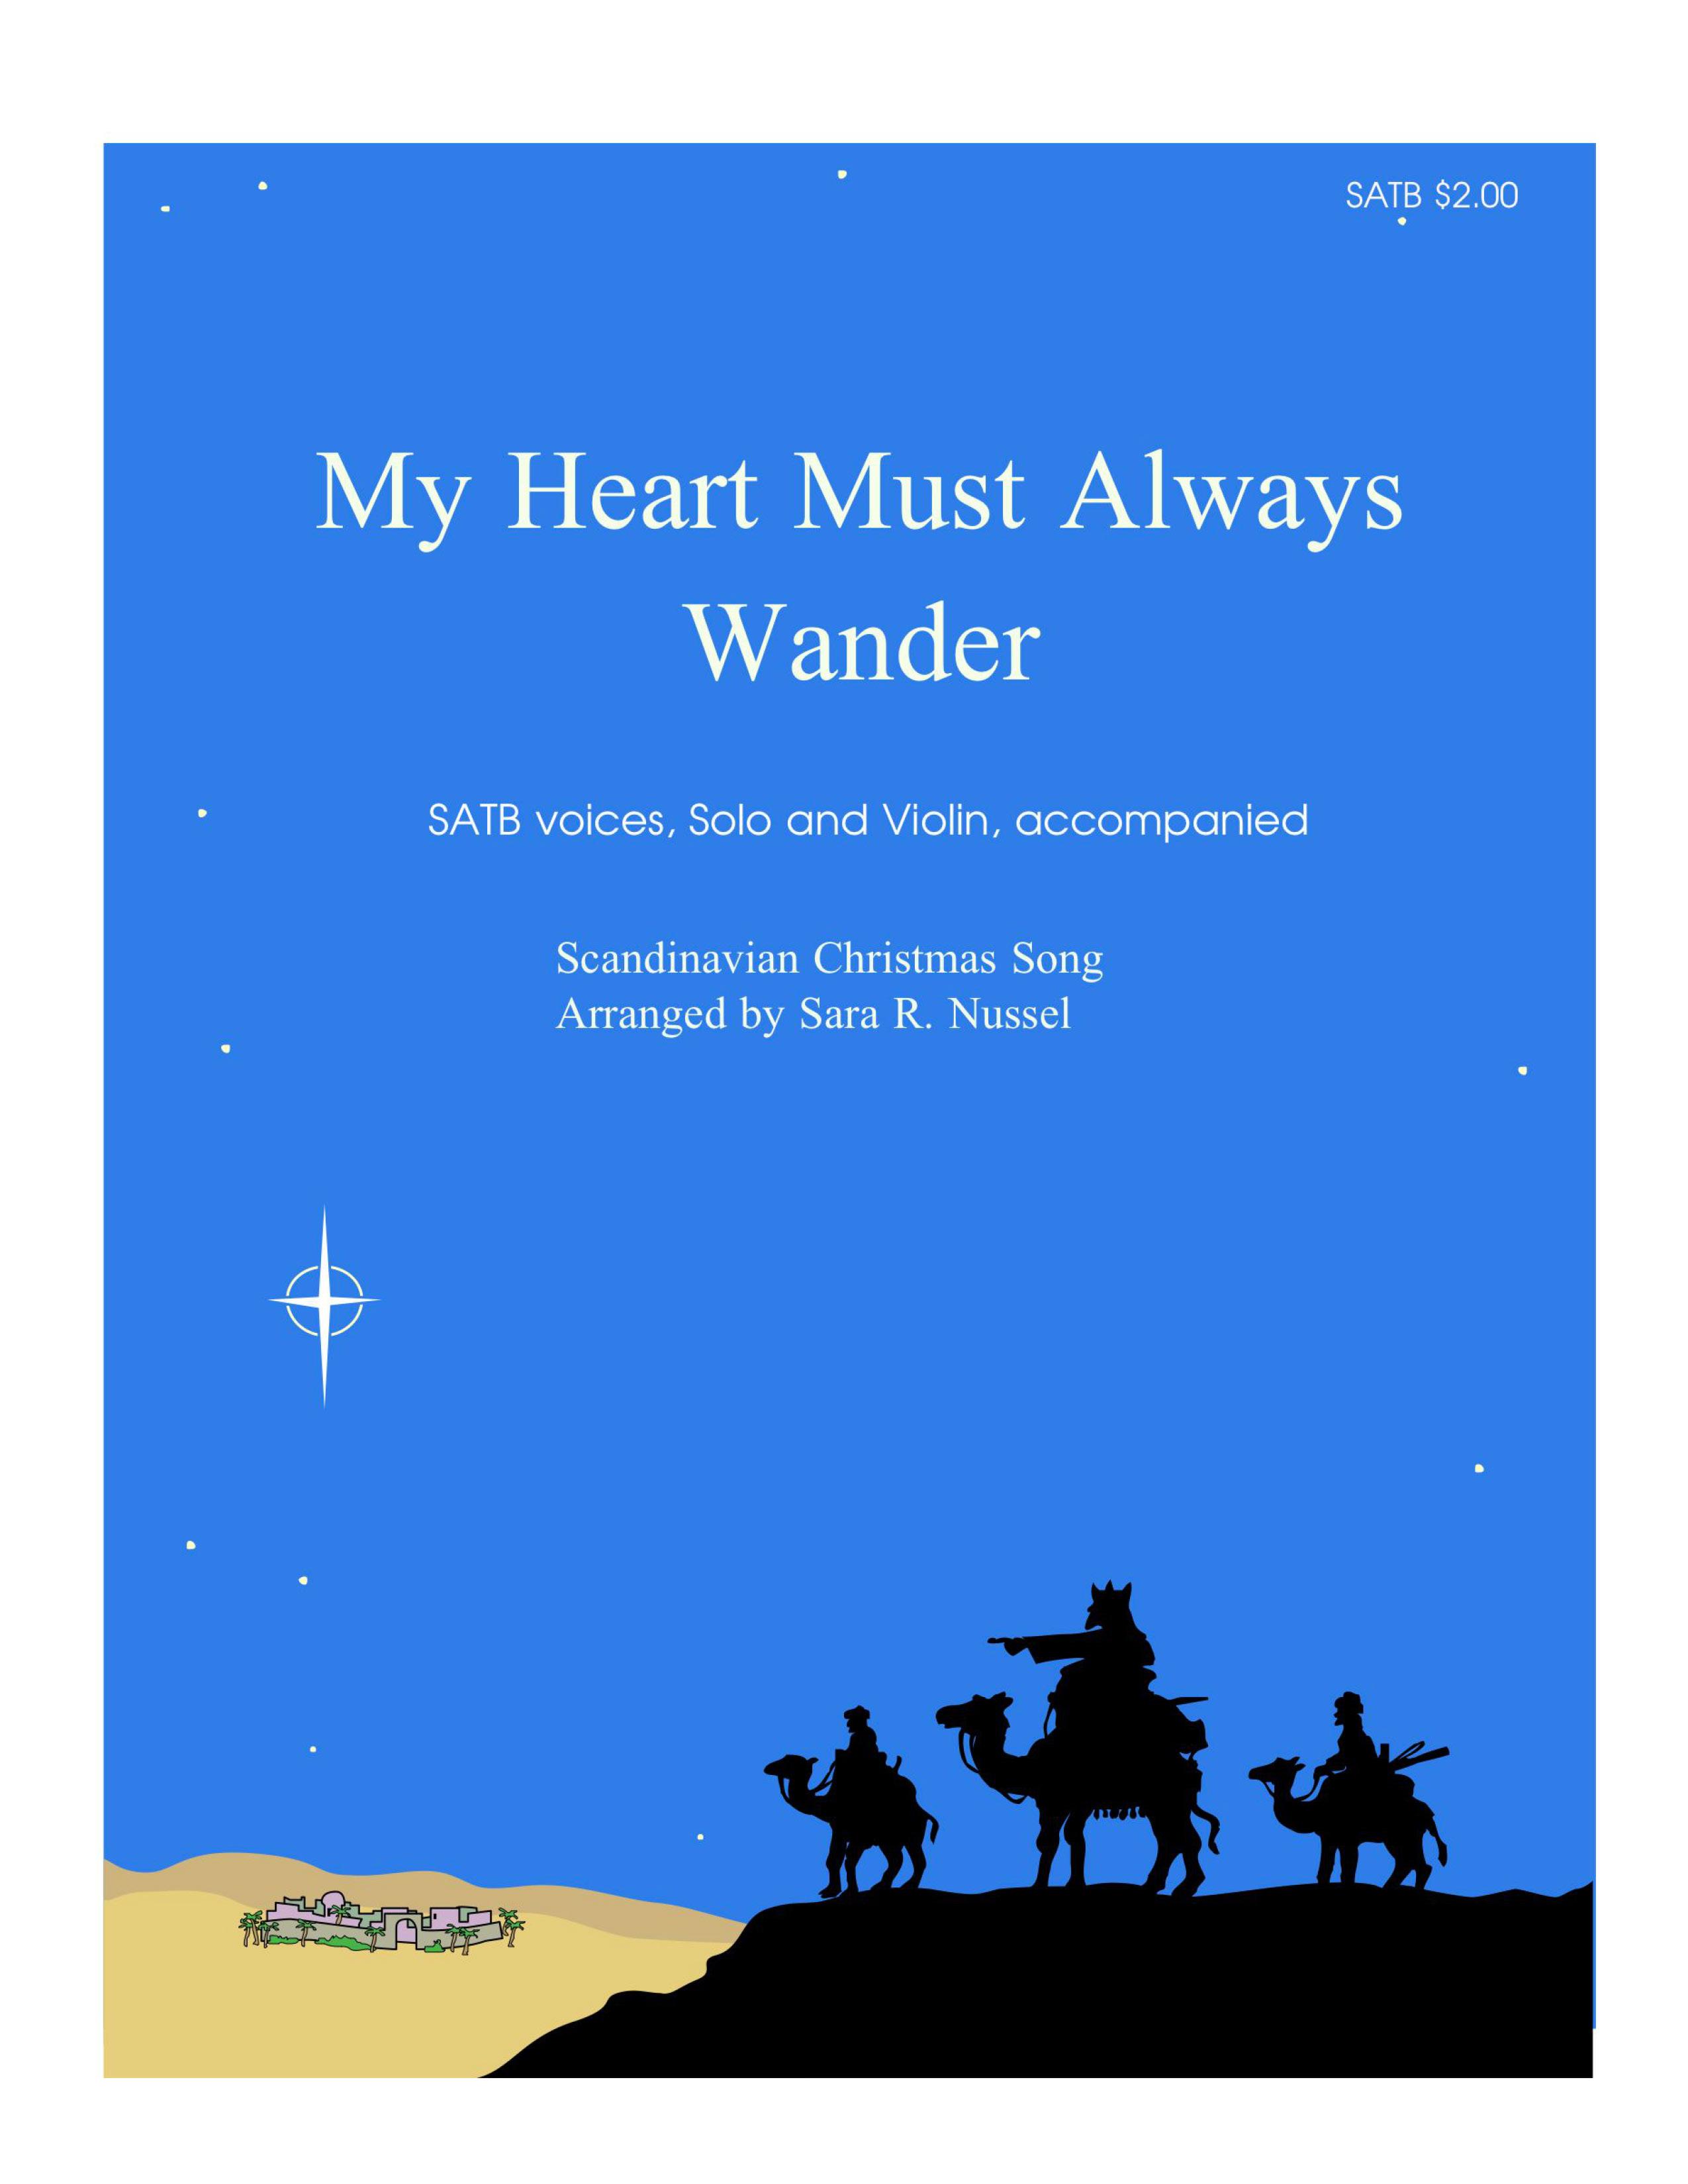 My Heart Must Always Wander